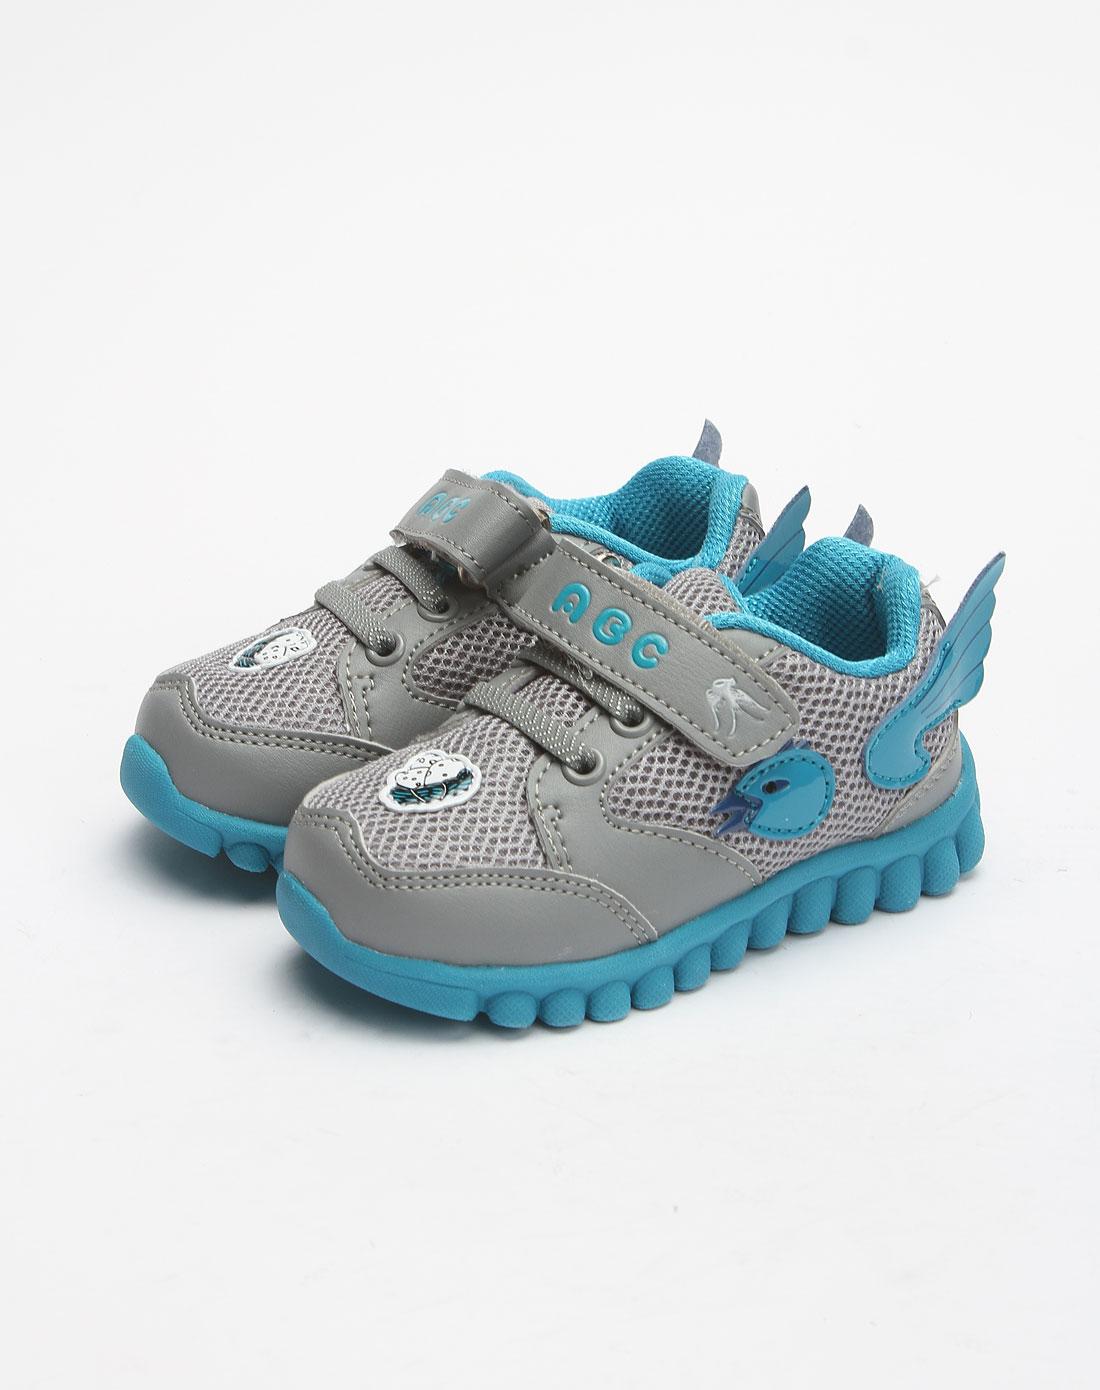 宝鞋中灰/湖蓝运动鞋